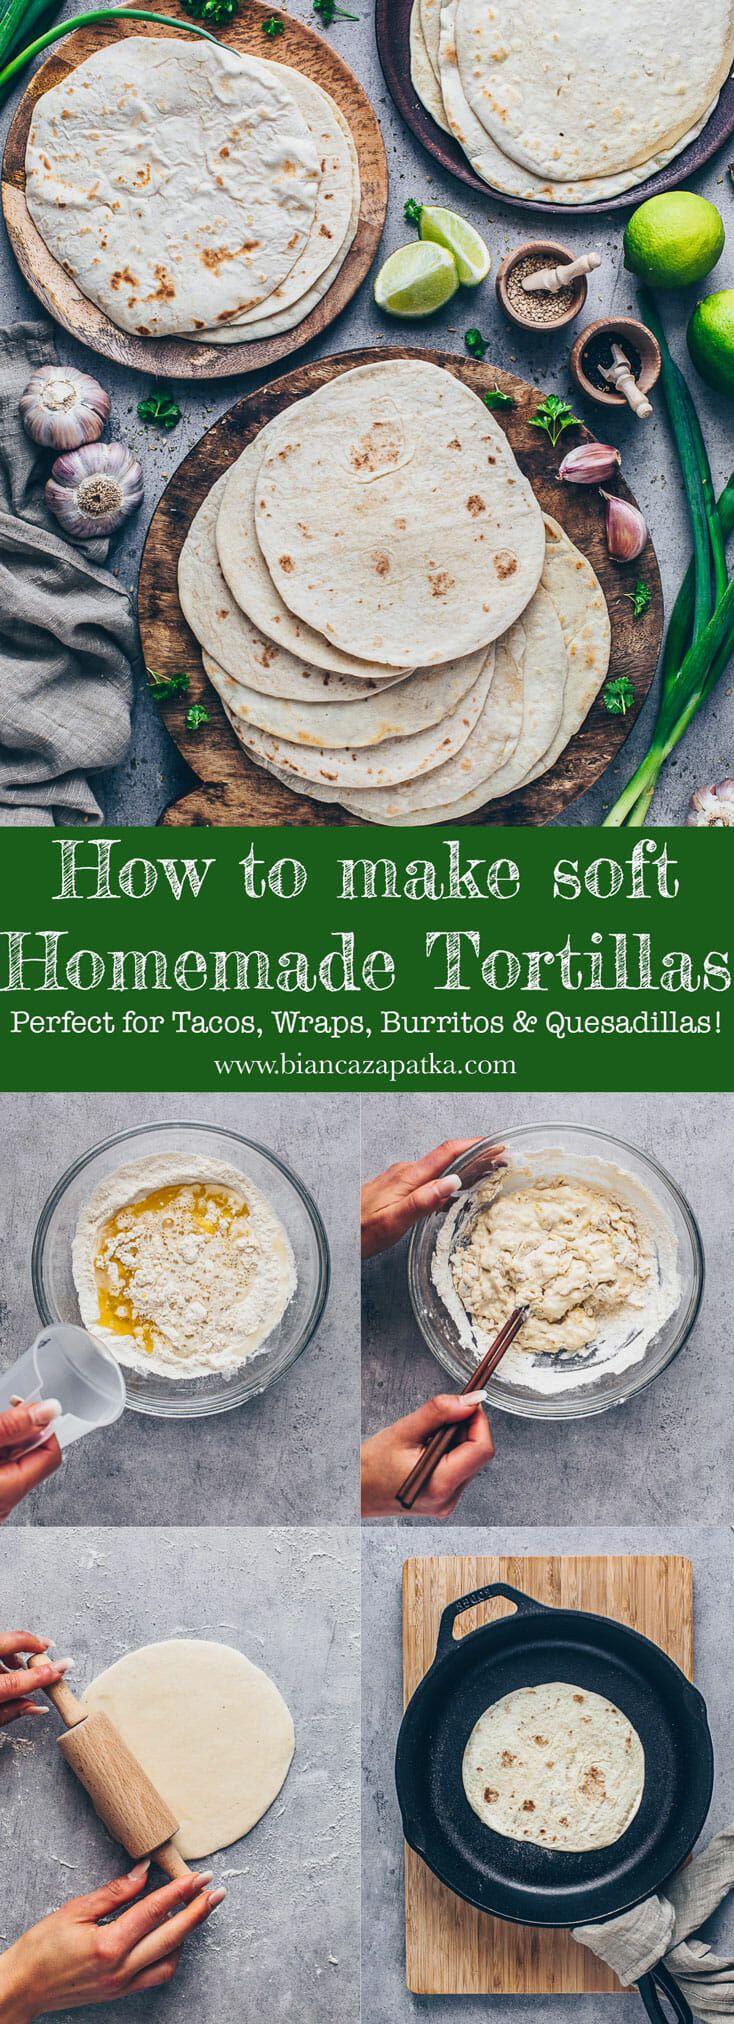 Homemade Tortillas Recipe for Tacos, Wraps, Burritos - Bianca Zapatka   Recipes